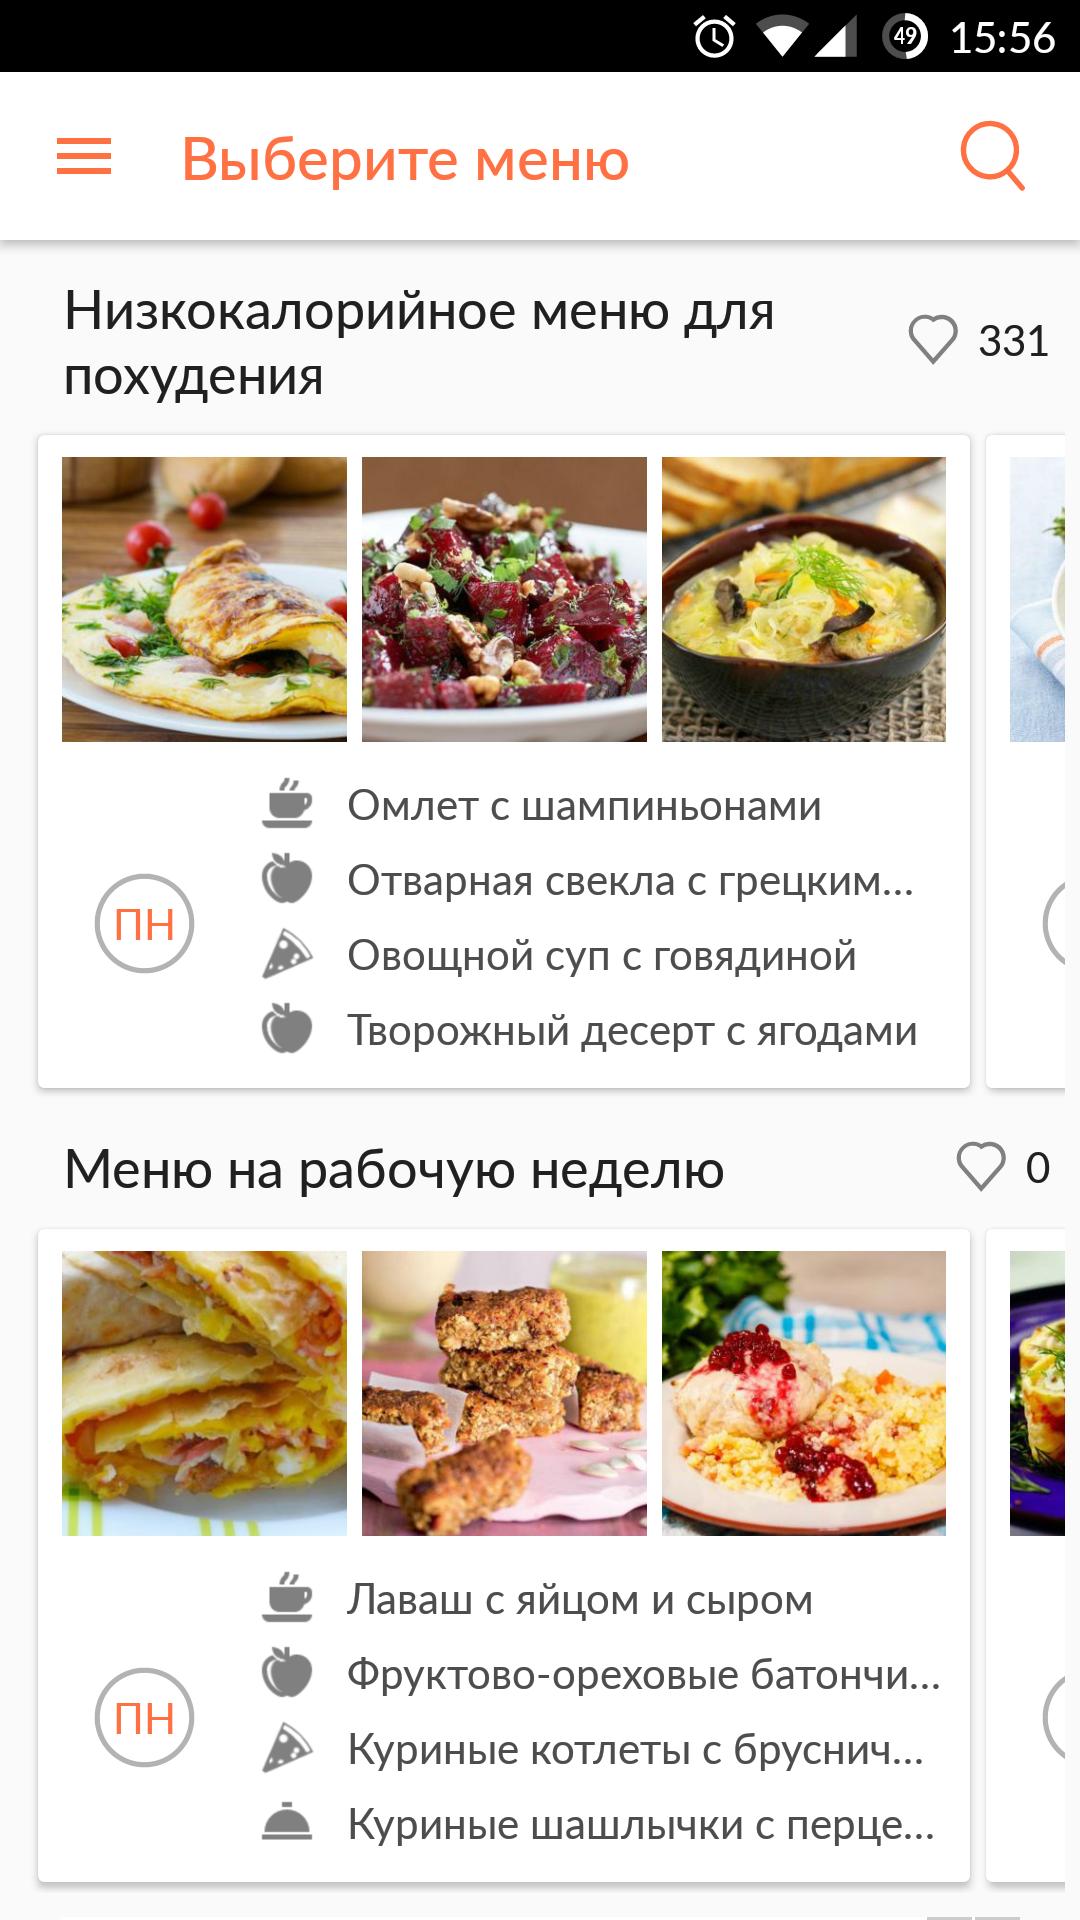 Низкокалорийное меню рецепты